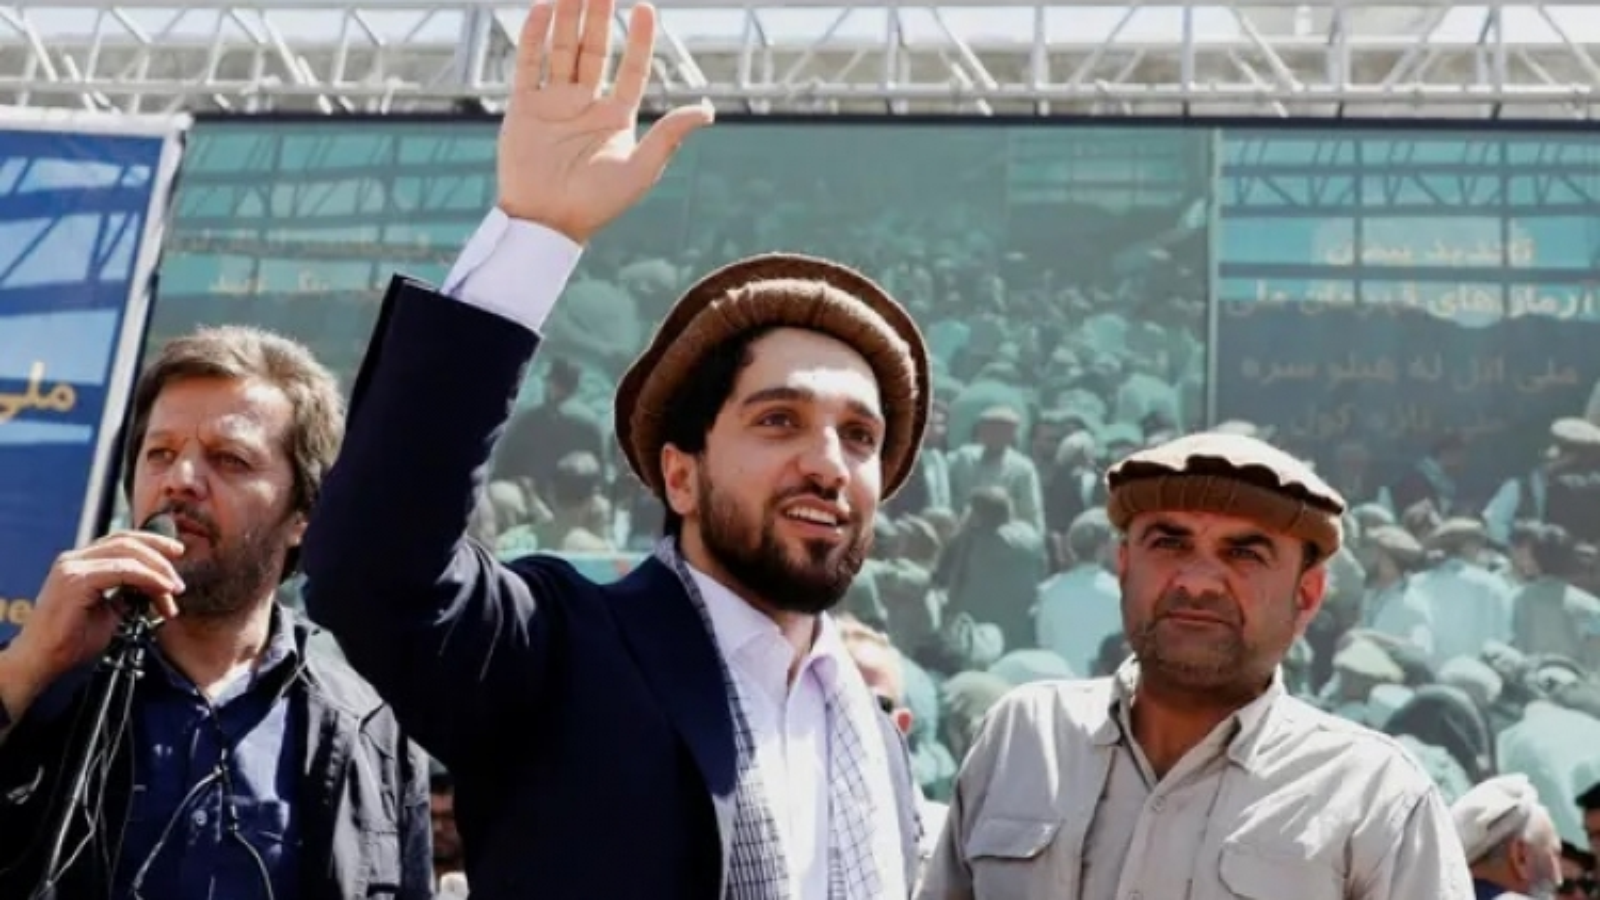 Thủ lĩnh đối lập Afghanistan cảnh báo nội chiến nếu Taliban từ chối chia sẻ quyền lực